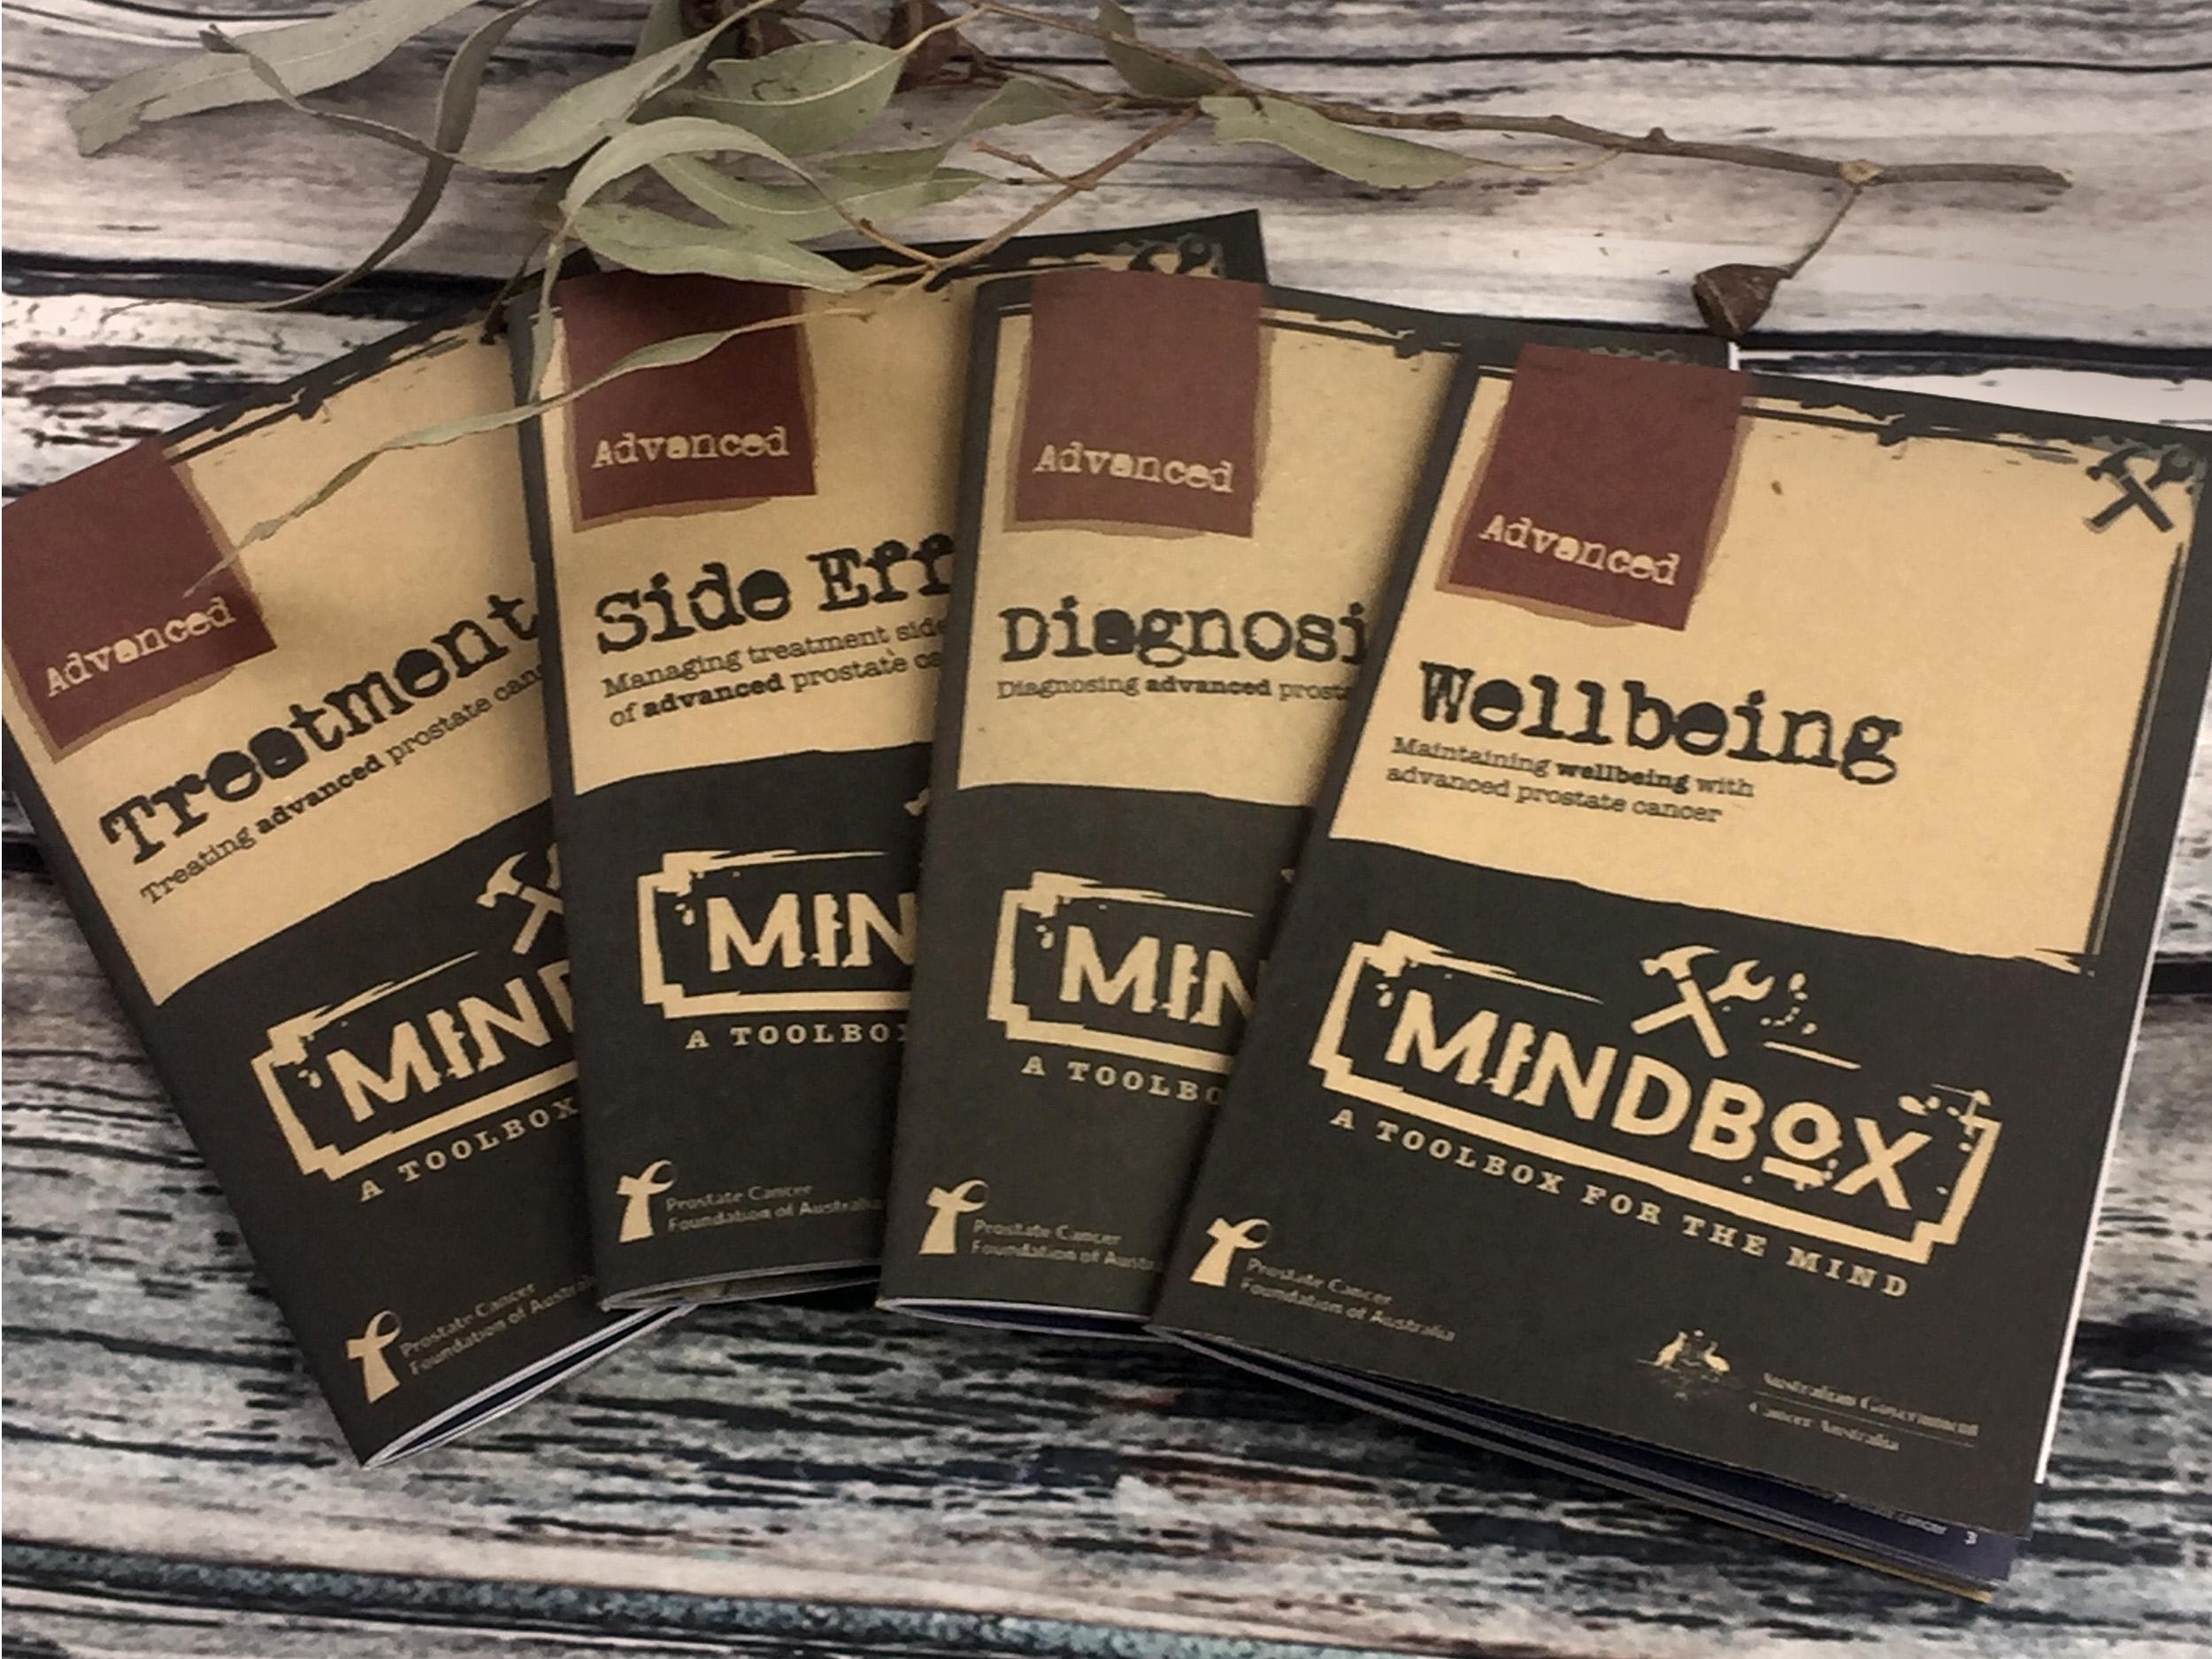 Mindbox - Branding and logo